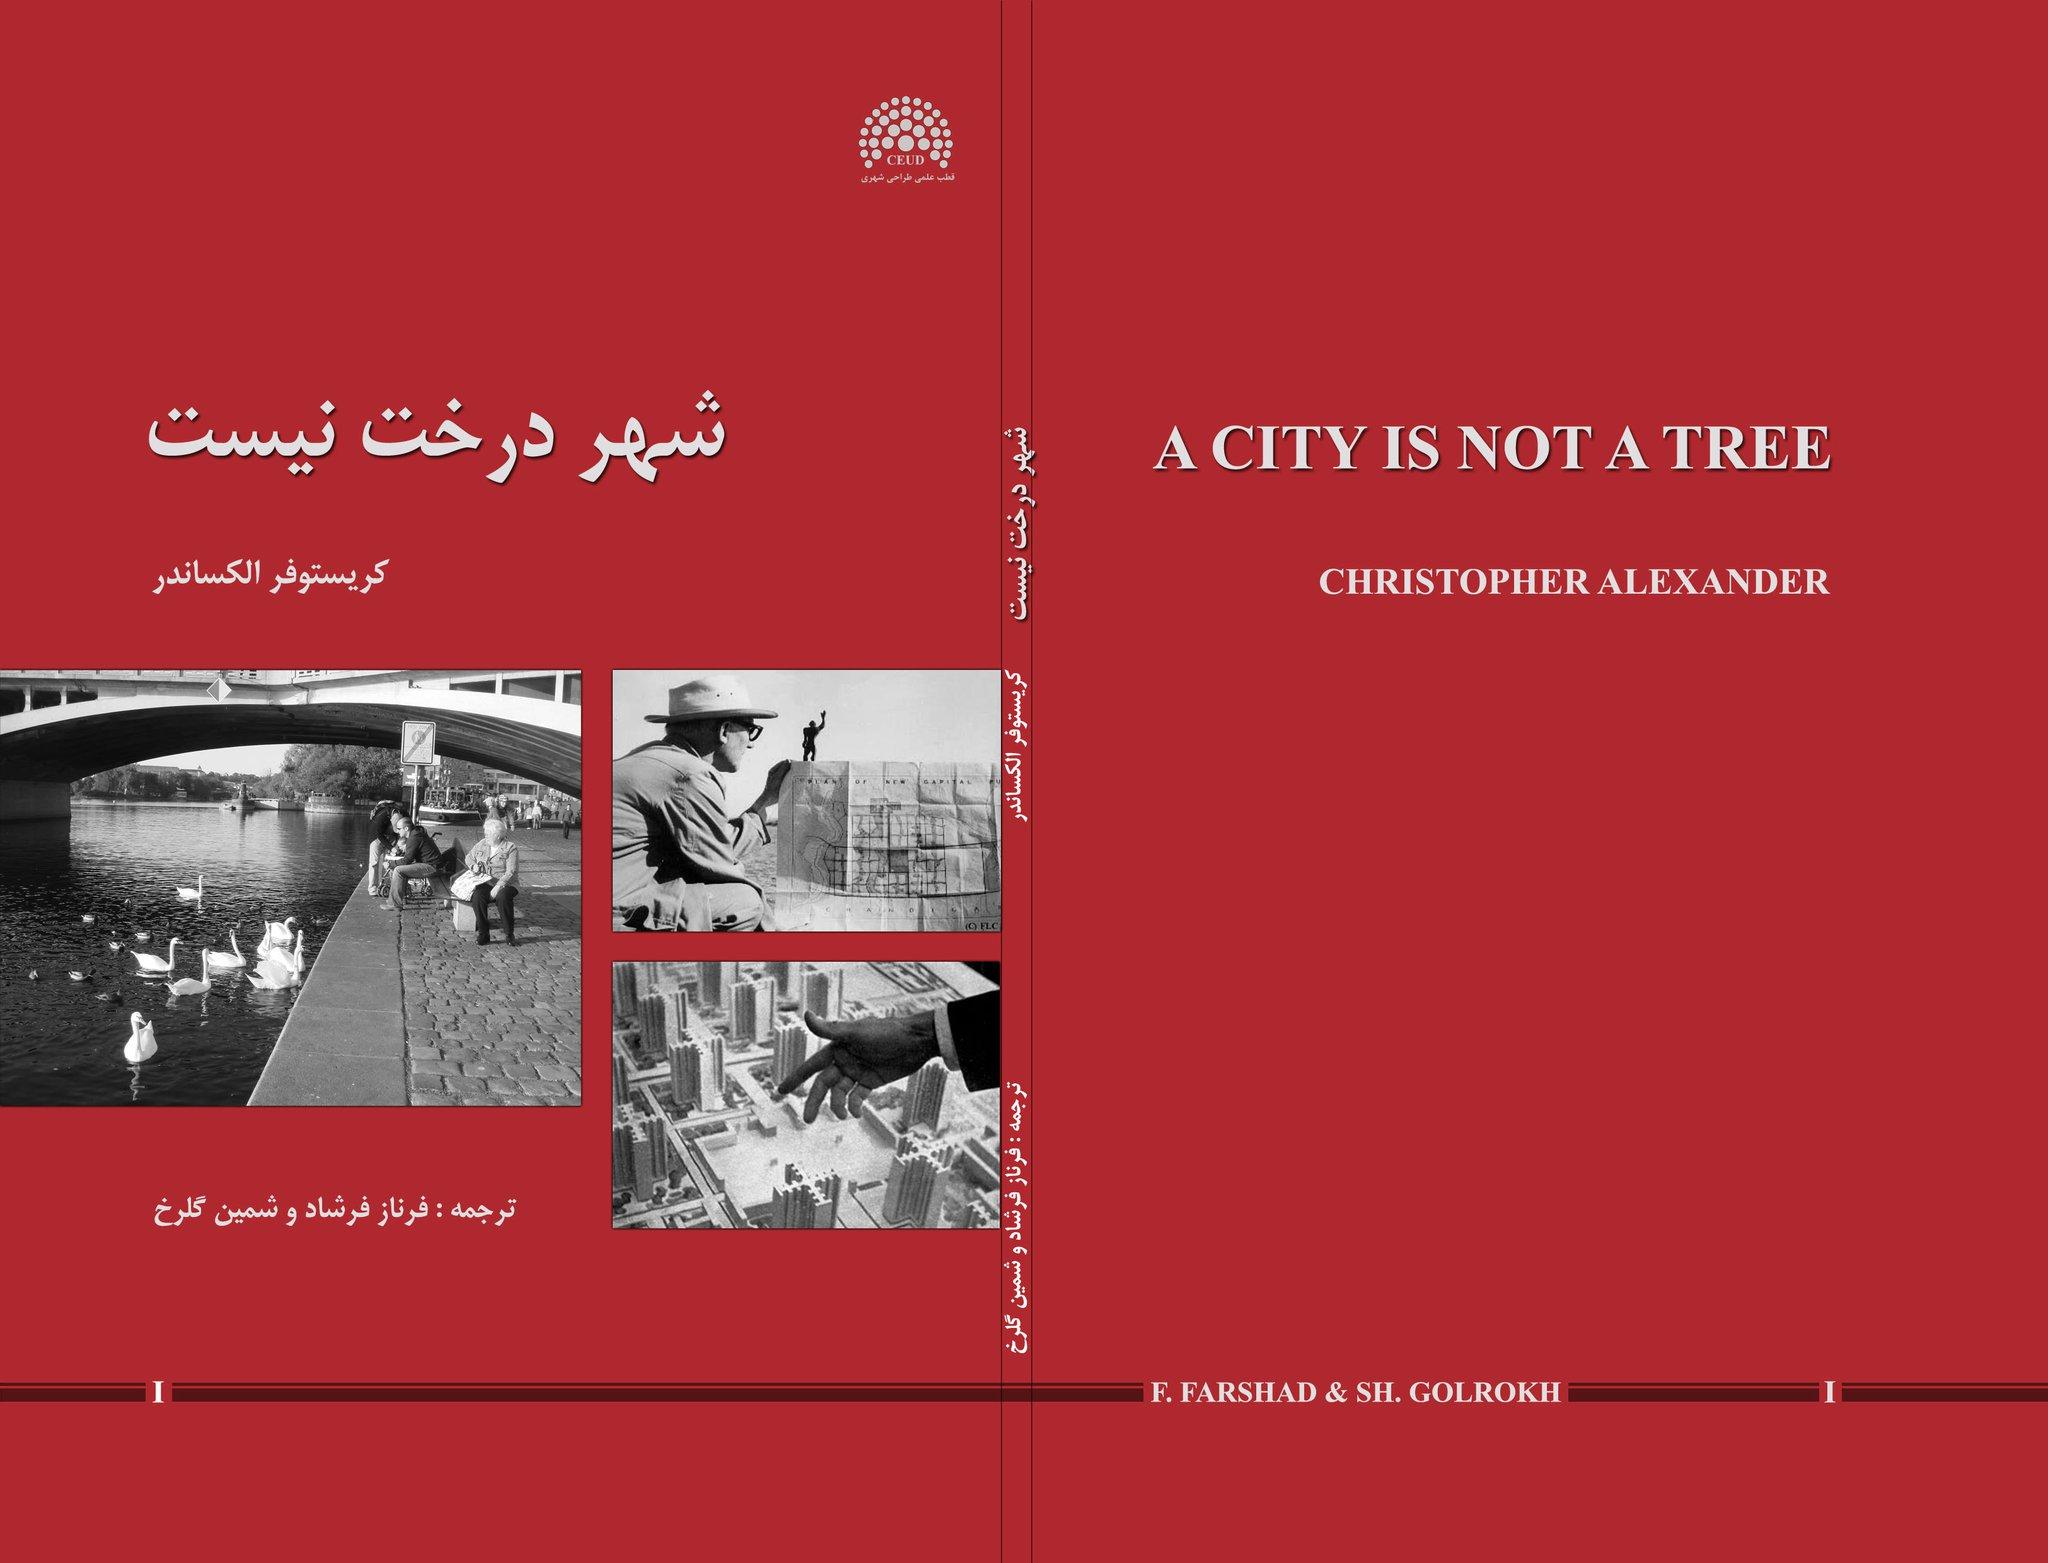 اهنگ پایانی فیلم ملکه شب دانلود کتاب شهر درخت نیست